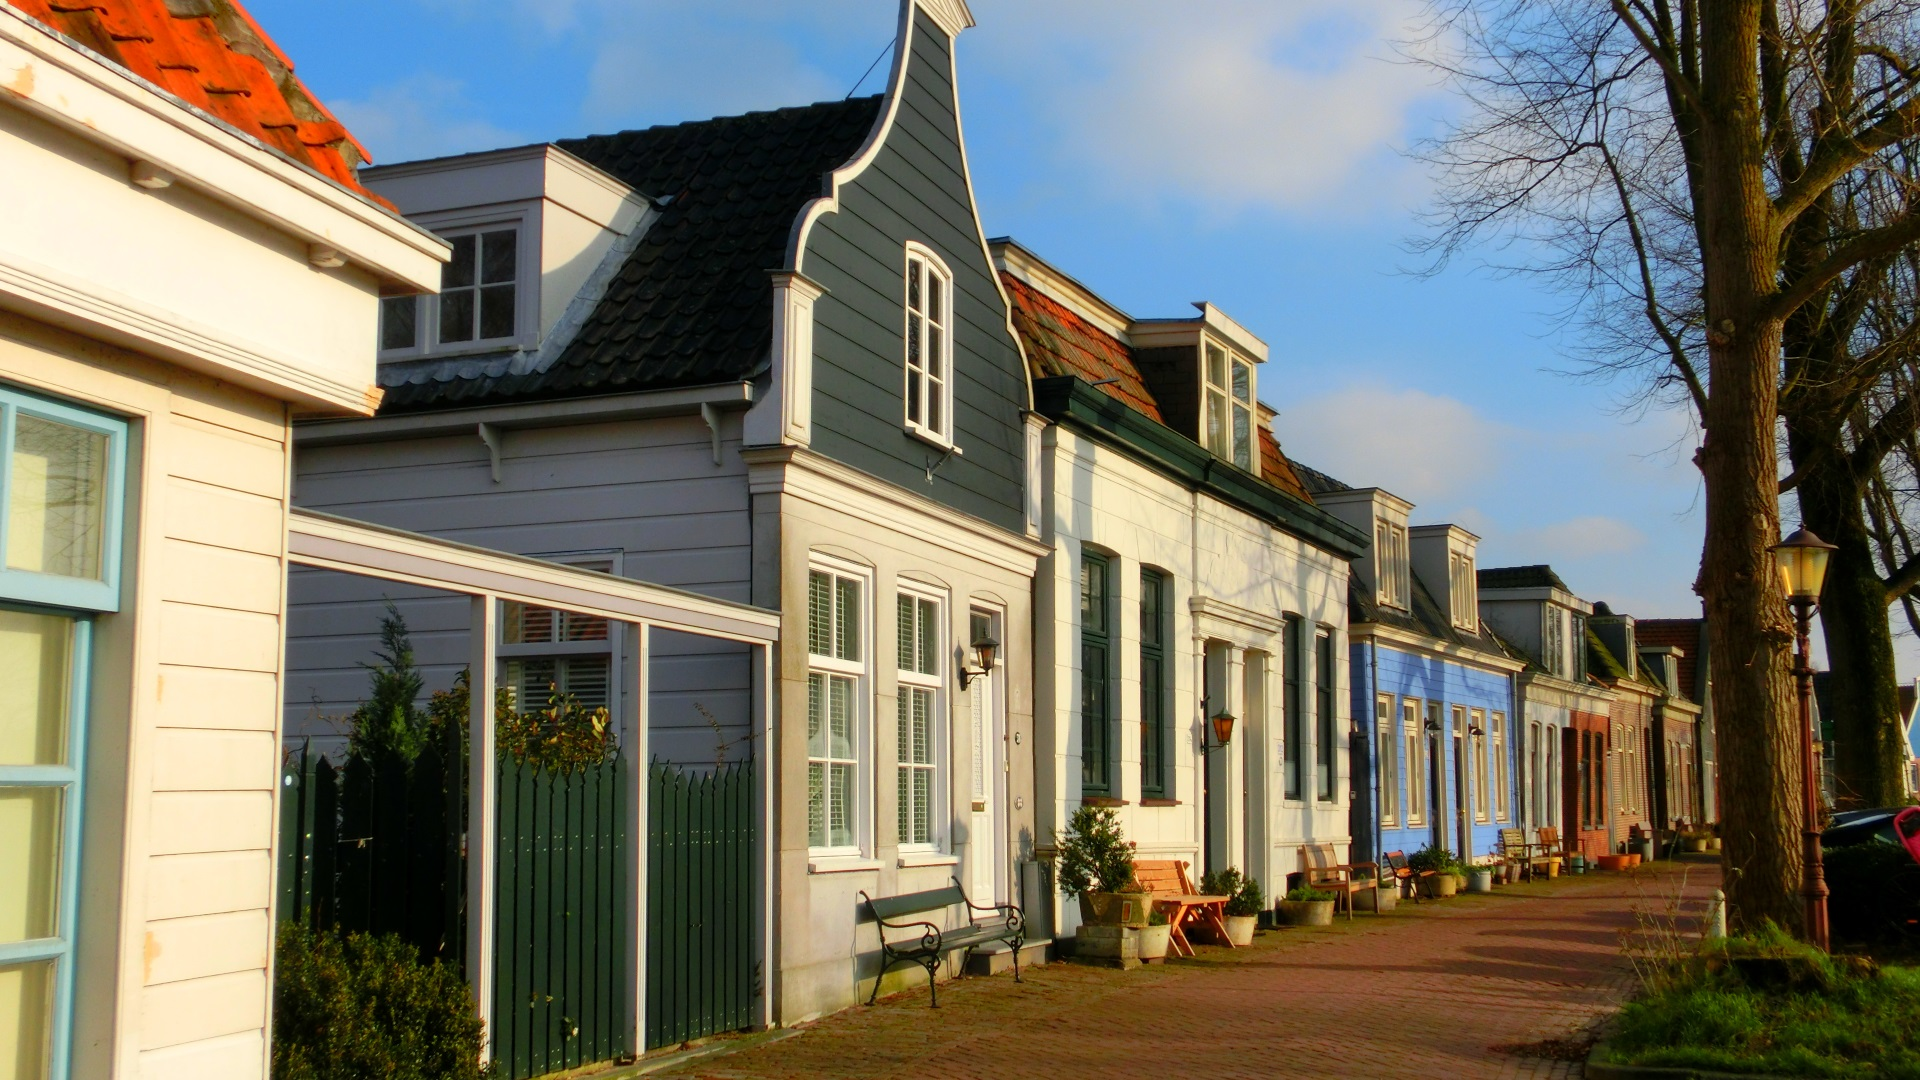 Meubels Amsterdam Noord : Wandelen door de tuindorpen van amsterdam noord u vera wandelt